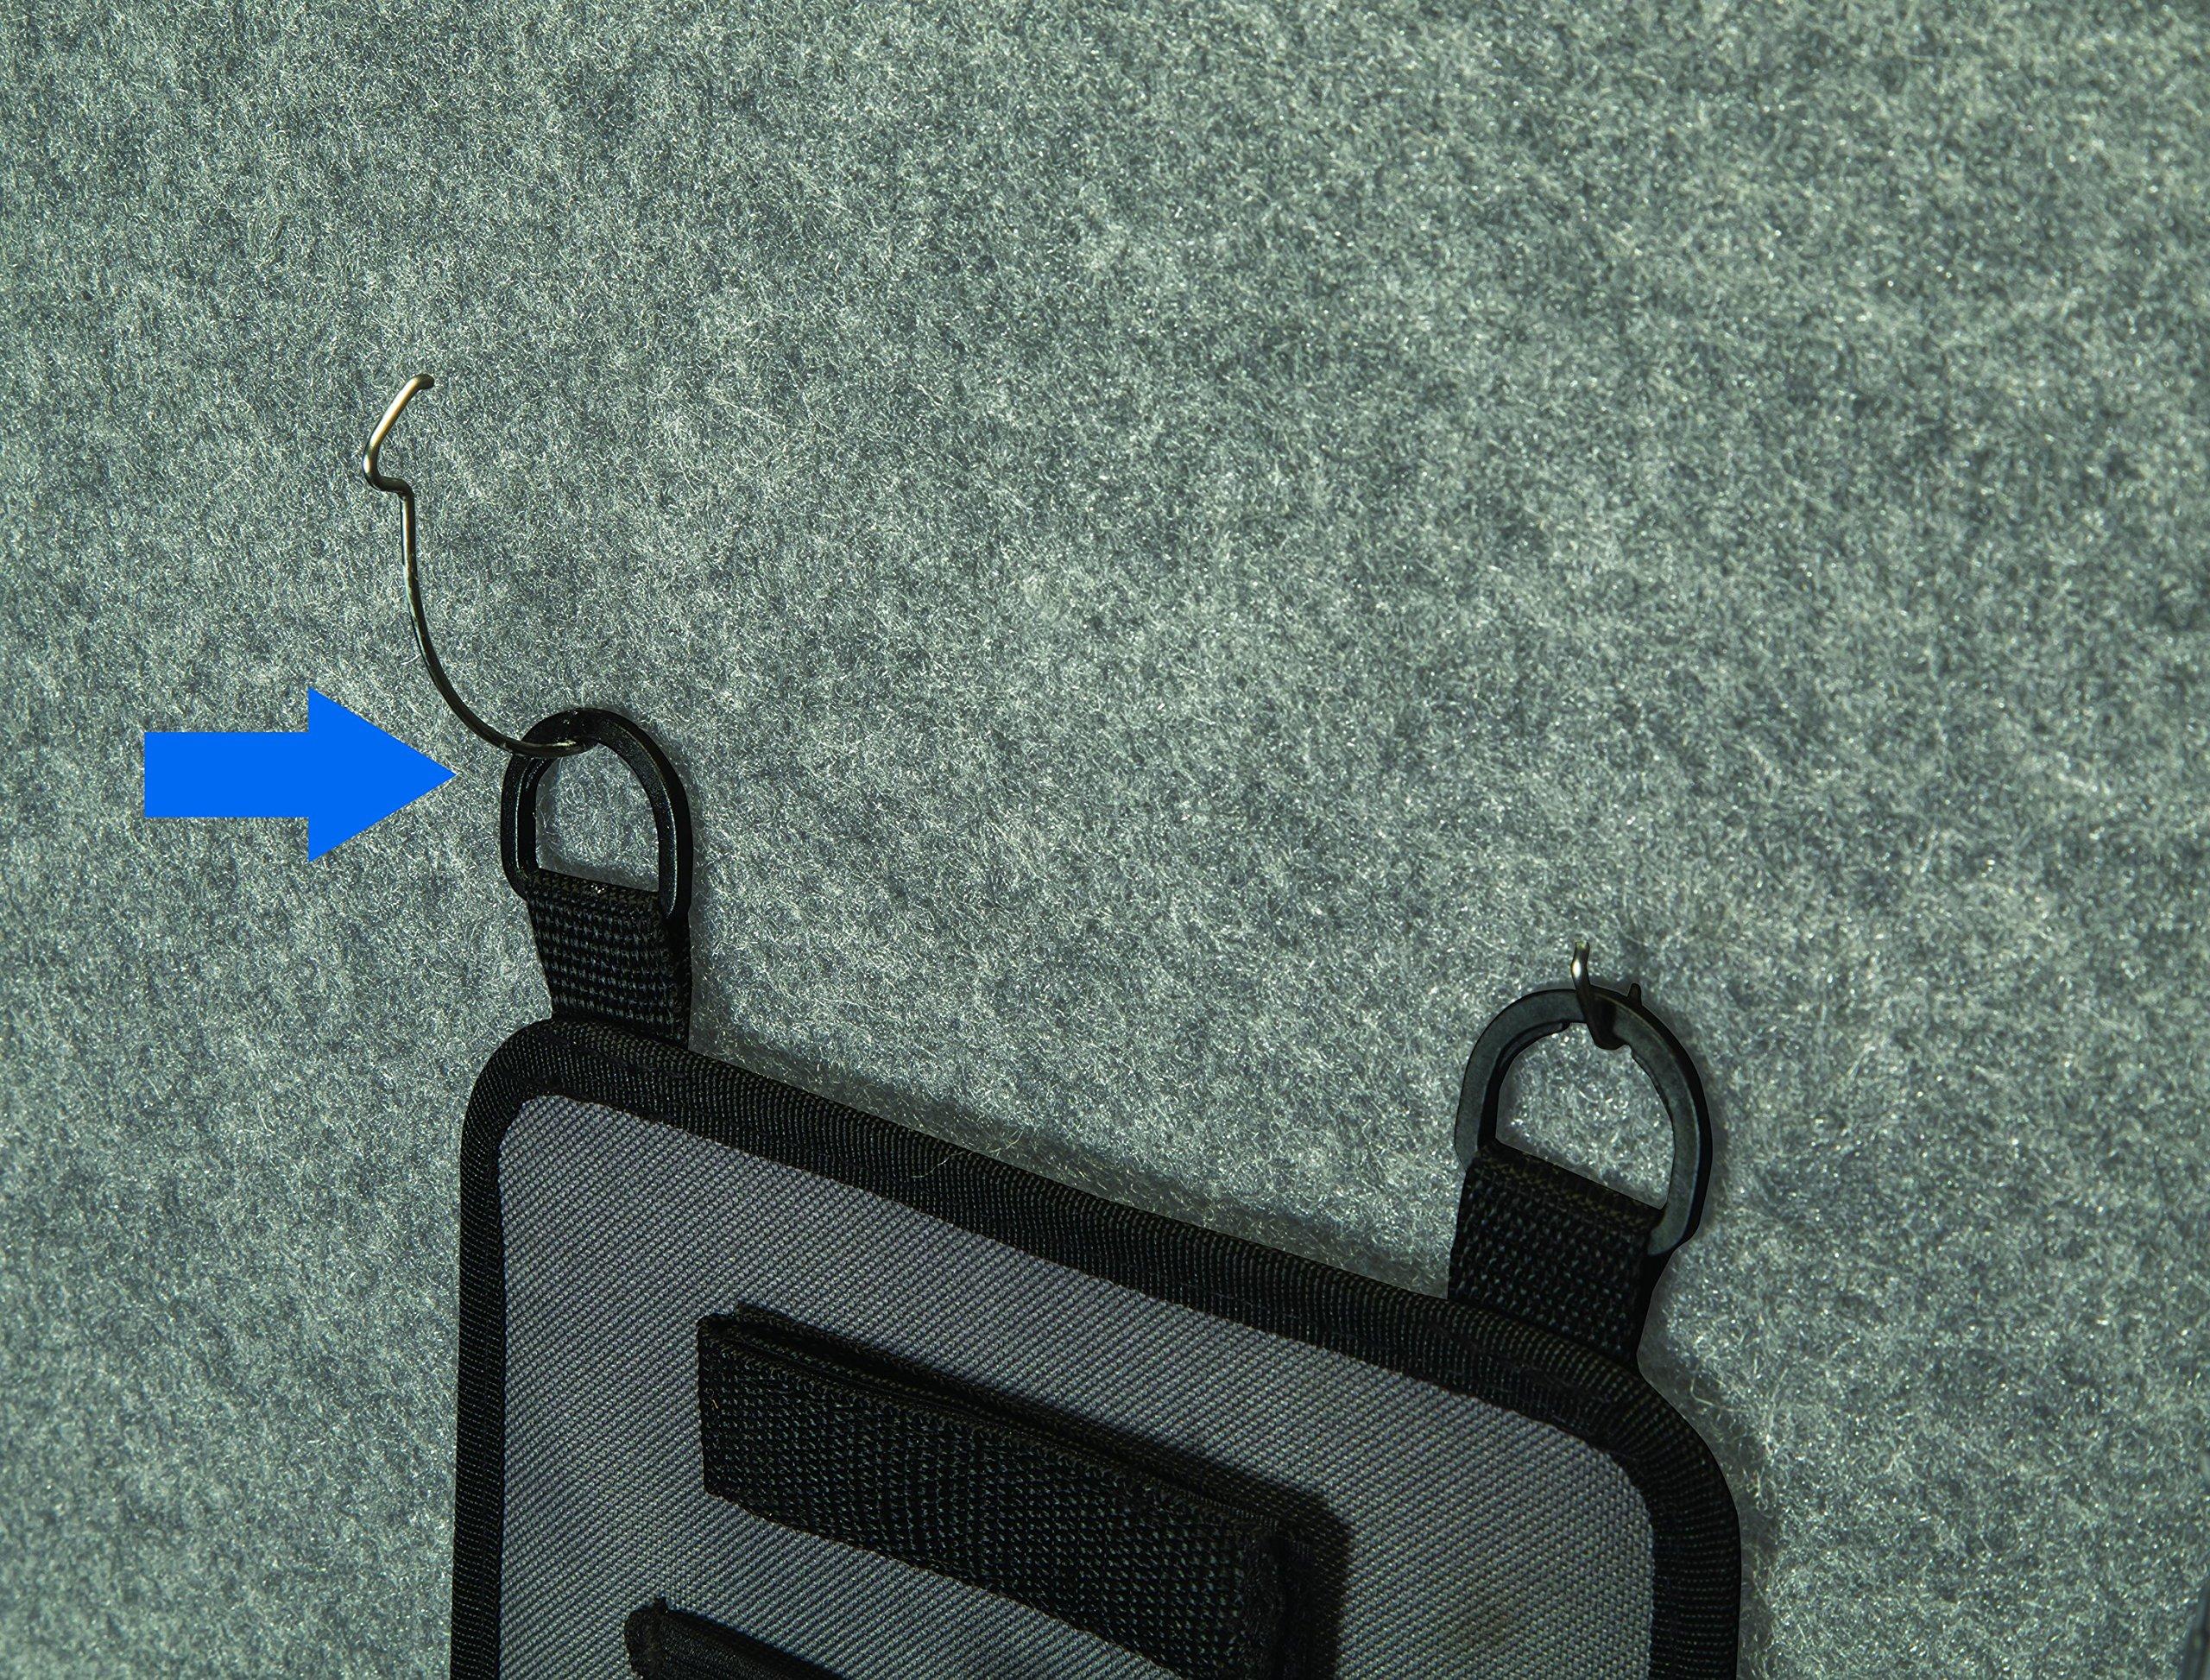 LOCKDOWN Handgun/Tactical Rifle Upper Hanger Gun Safe Organizer by LOCKDOWN (Image #5)